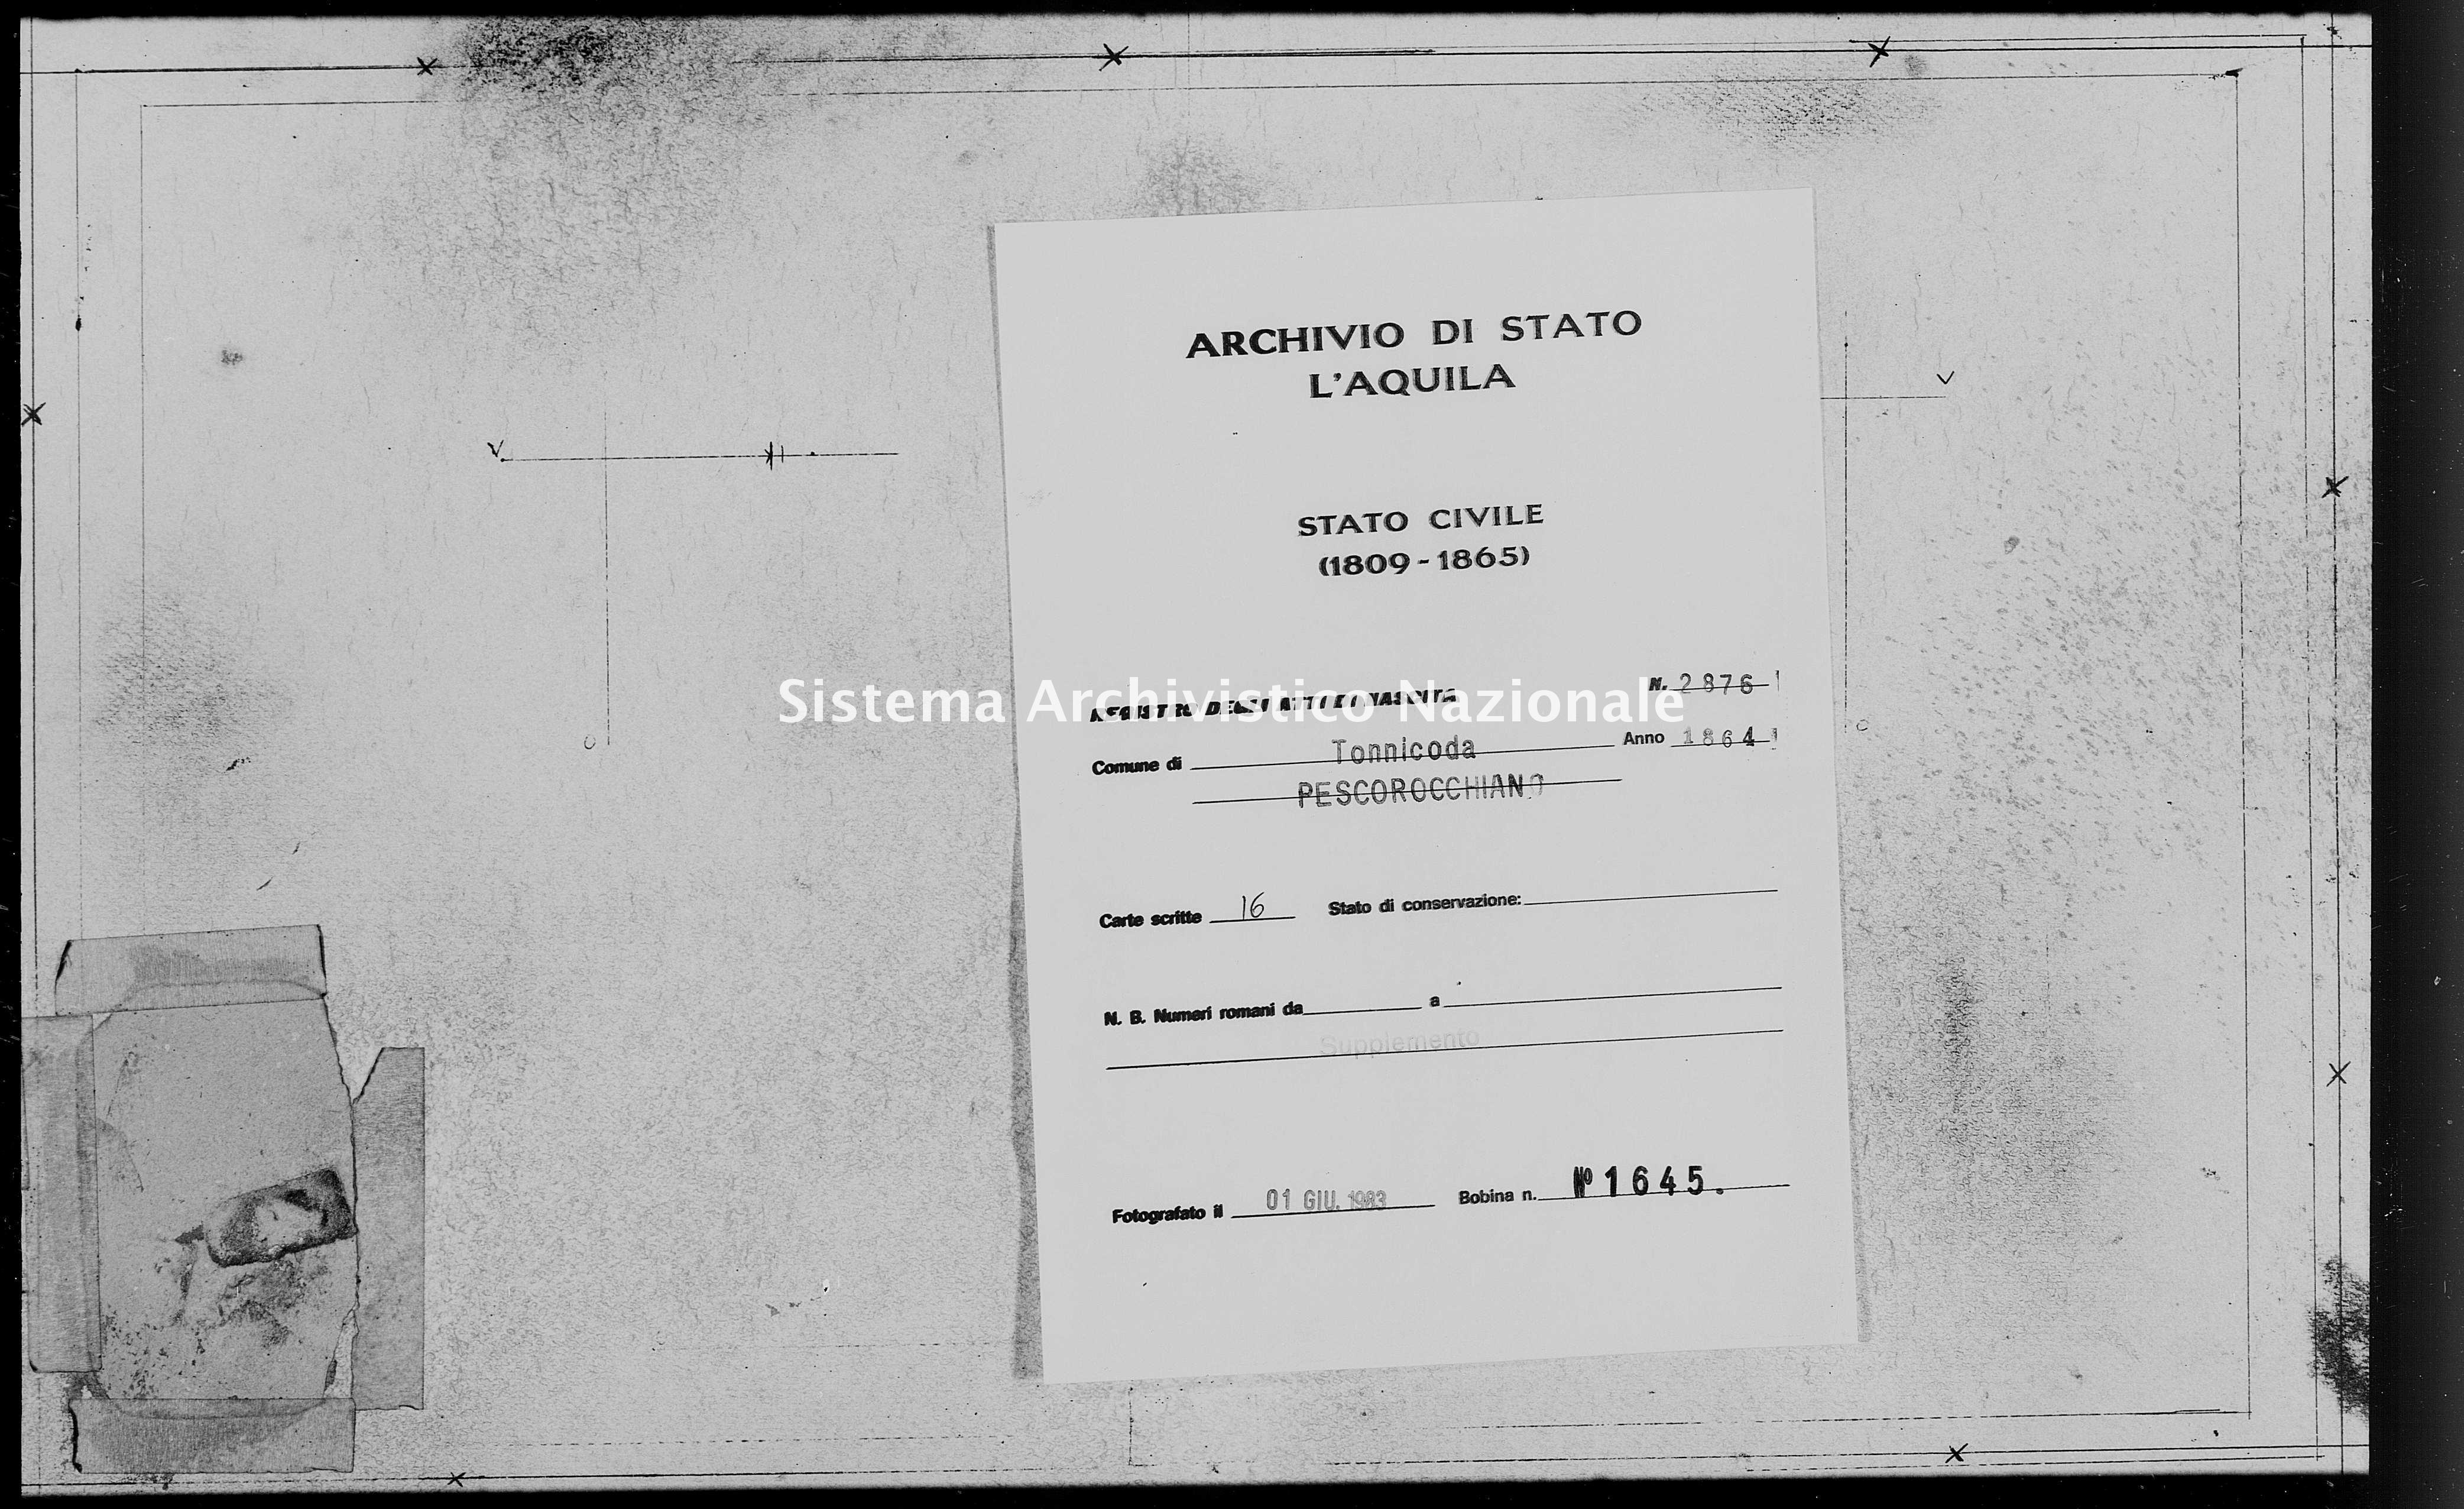 Archivio di stato di L'aquila - Stato civile italiano - Tonnicoda - Nati, battesimi - 1864 - 2876 -